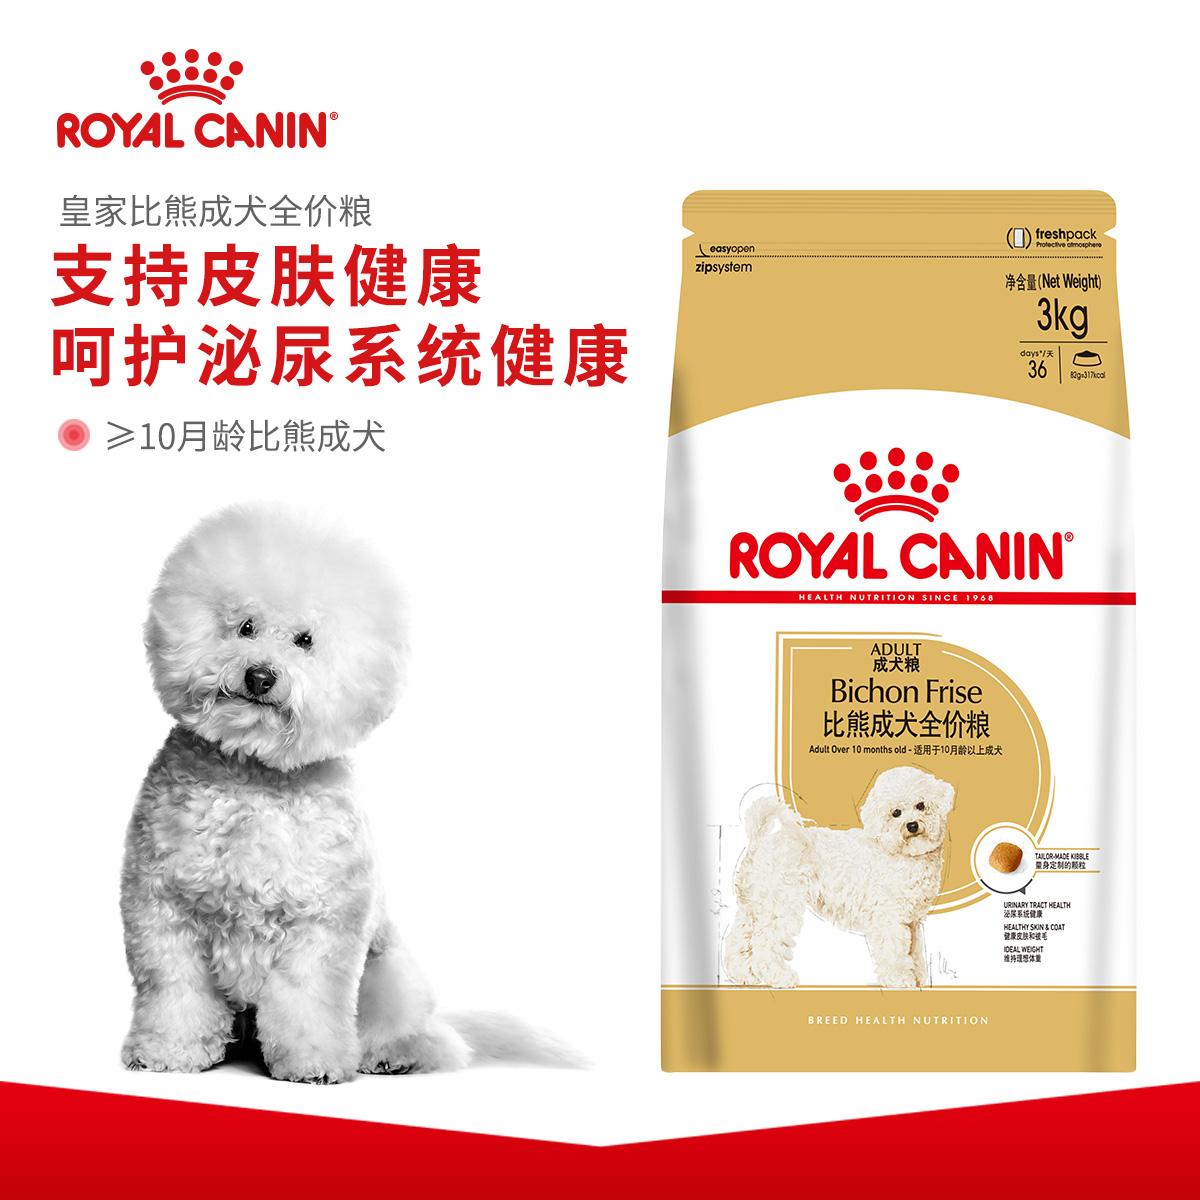 皇家狗粮BF29比熊成犬粮3kg 室内小型犬成犬粮比熊专用营养宠物粮优惠券